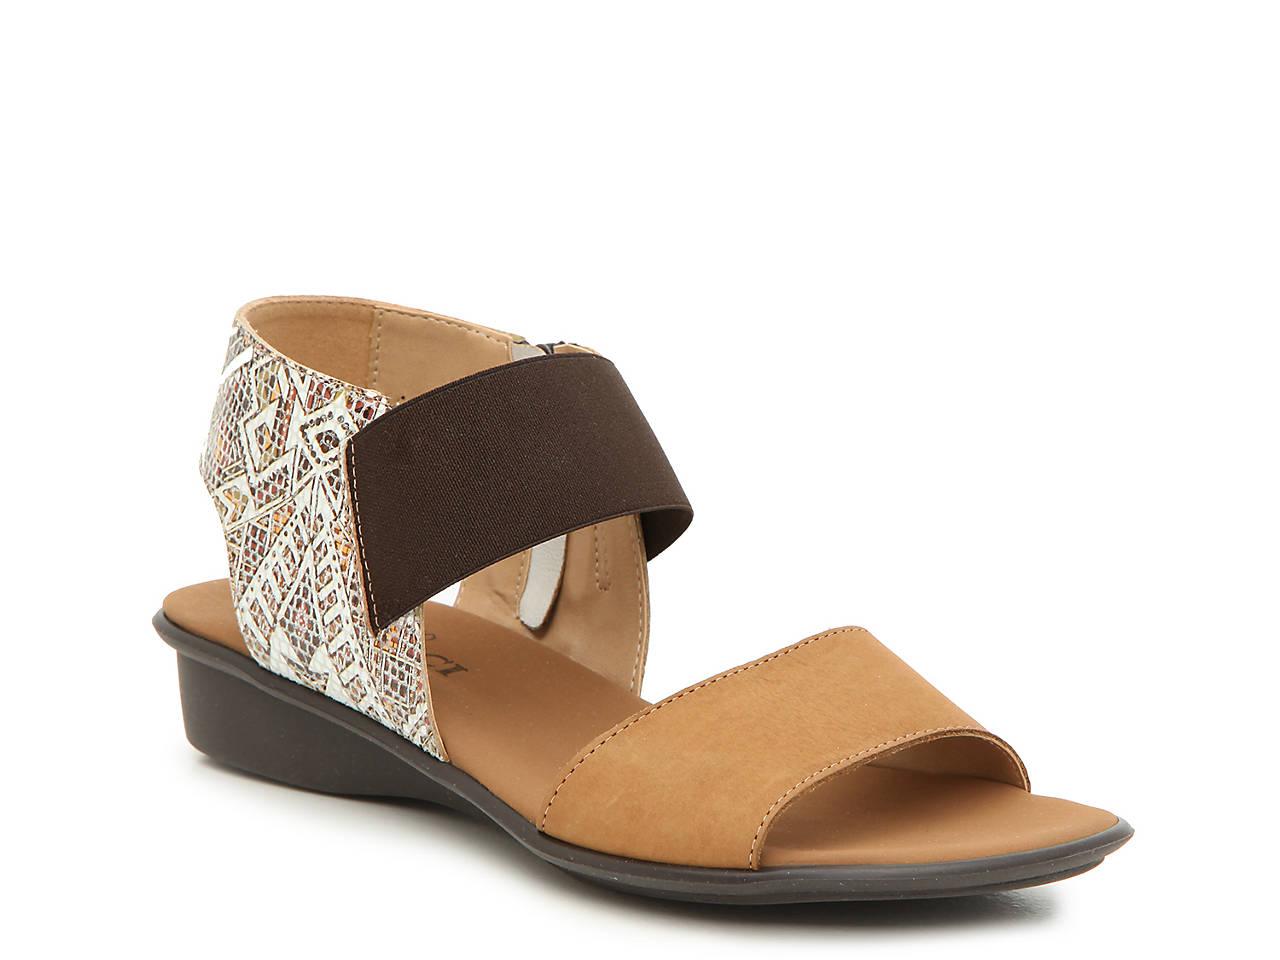 40beaa8cc38 Eirlys Wedge Sandal